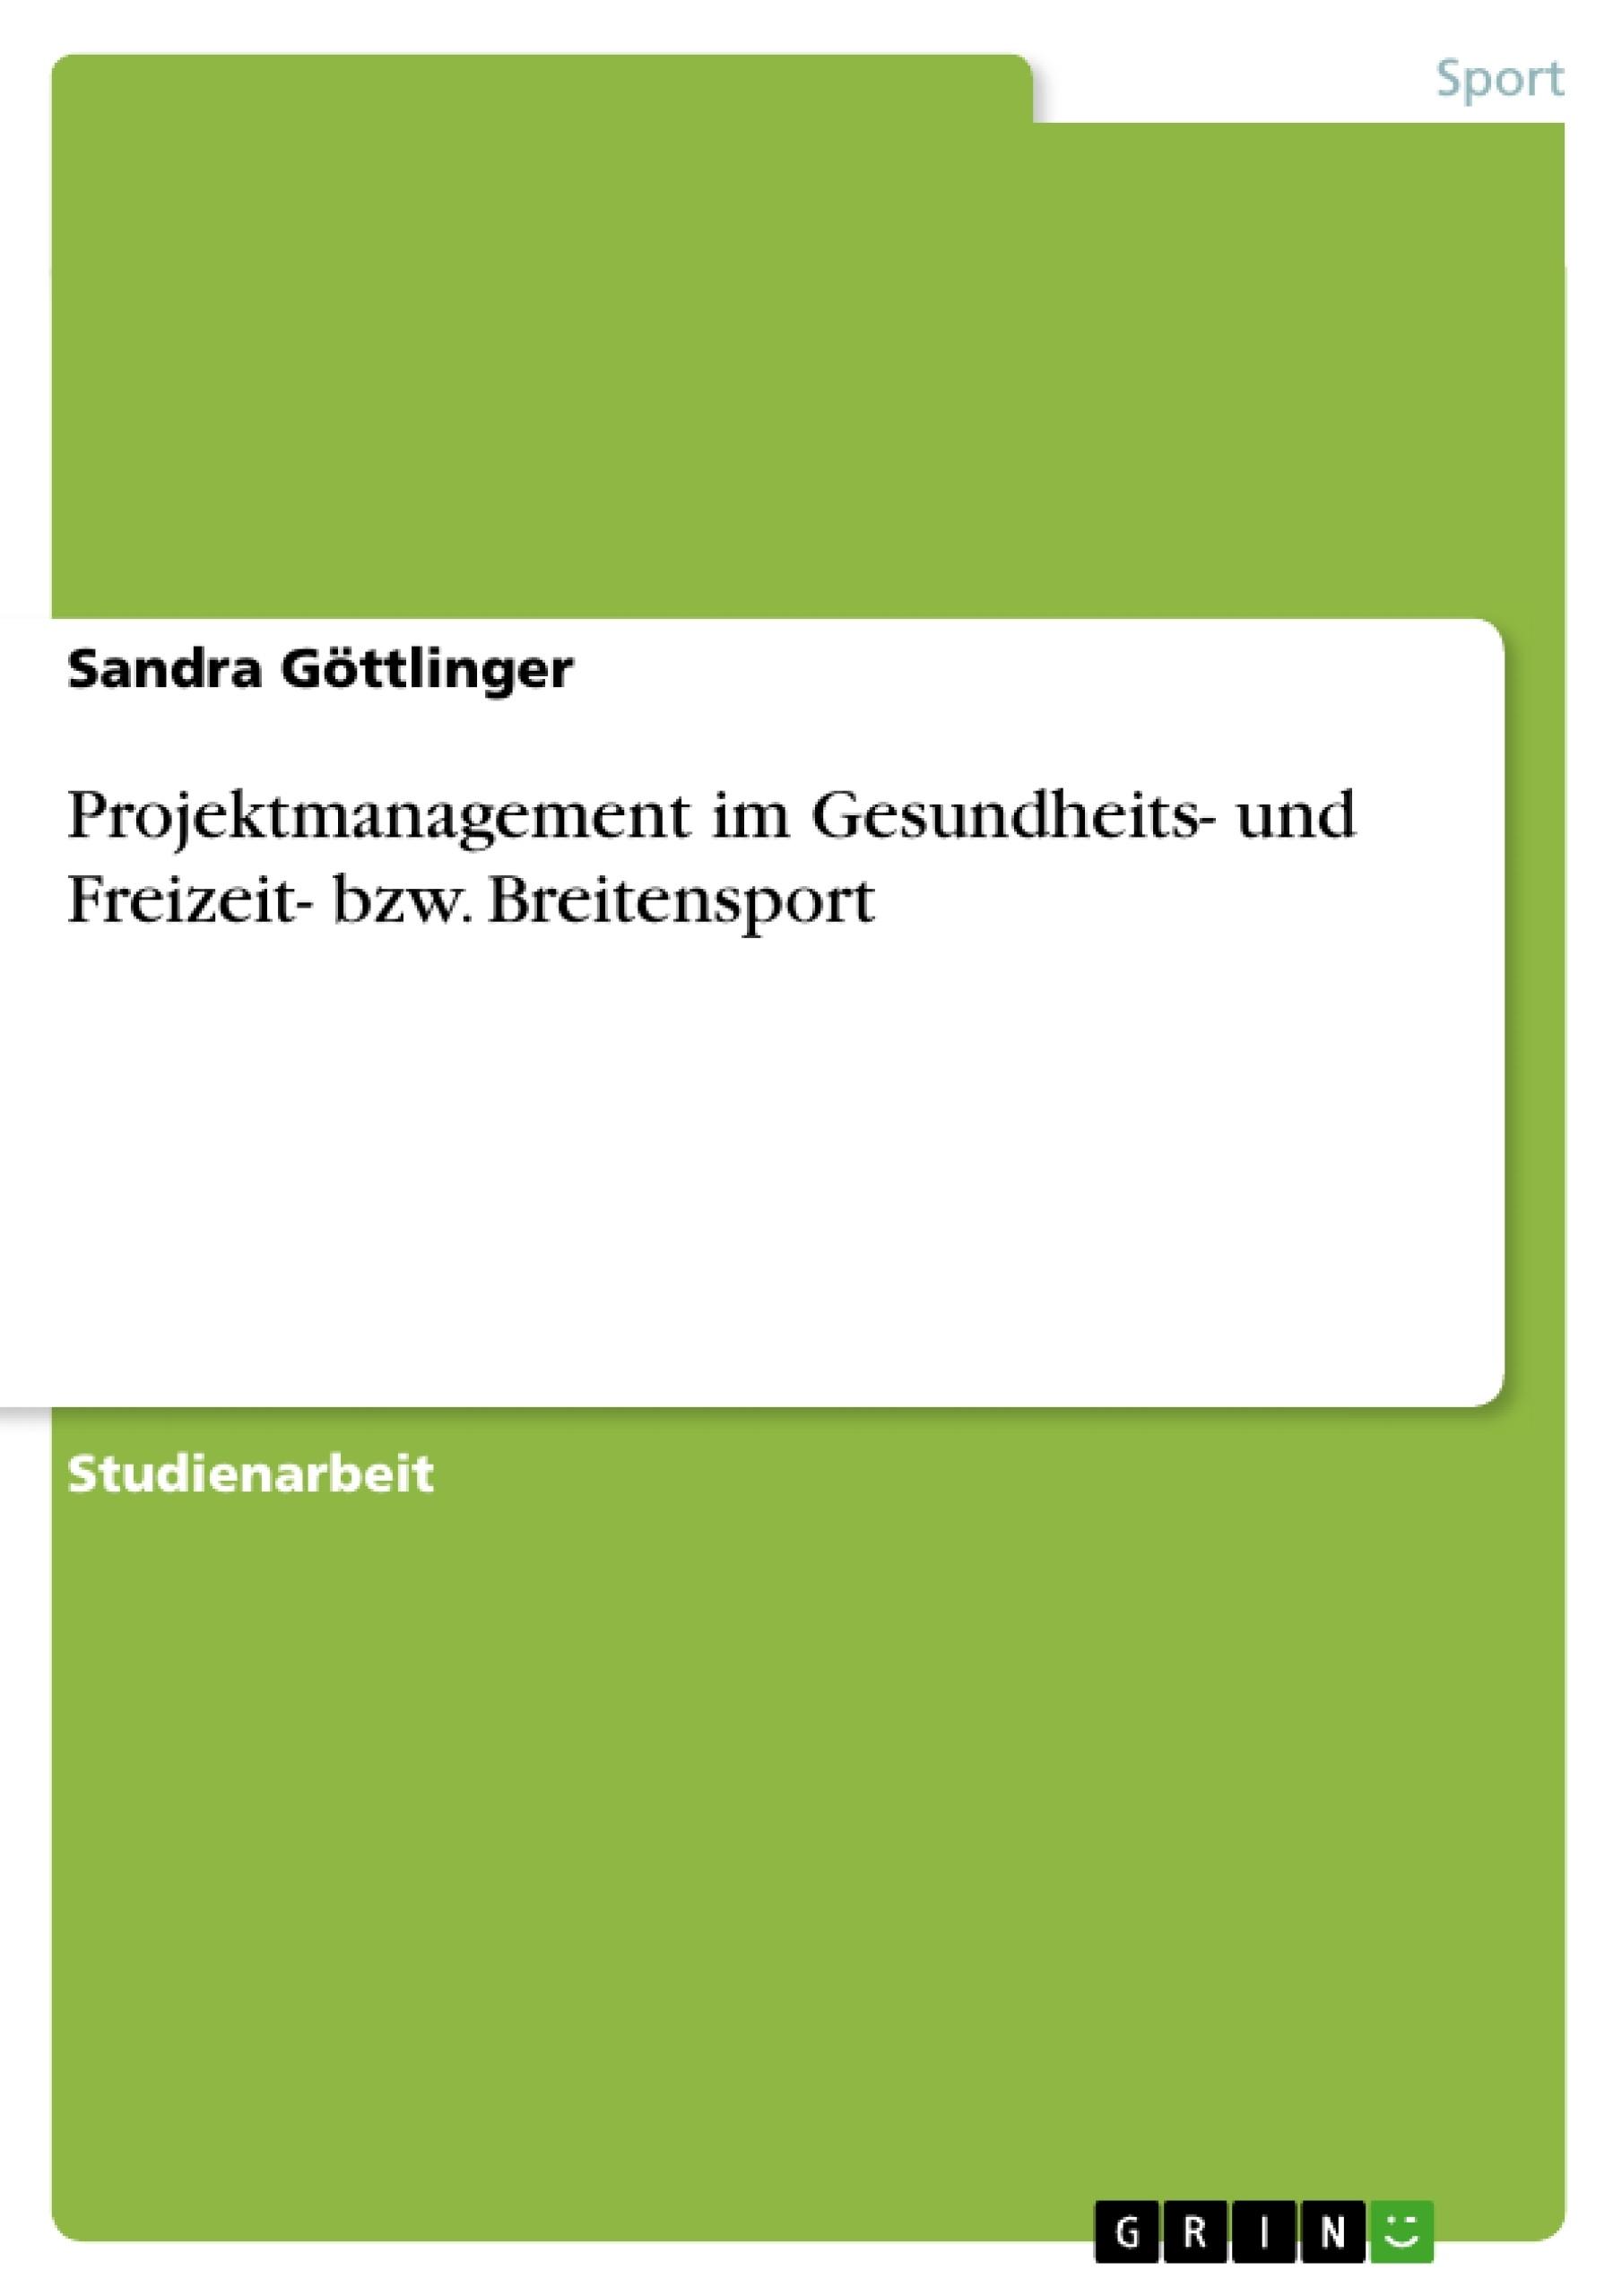 Titel: Projektmanagement im Gesundheits- und Freizeit- bzw. Breitensport